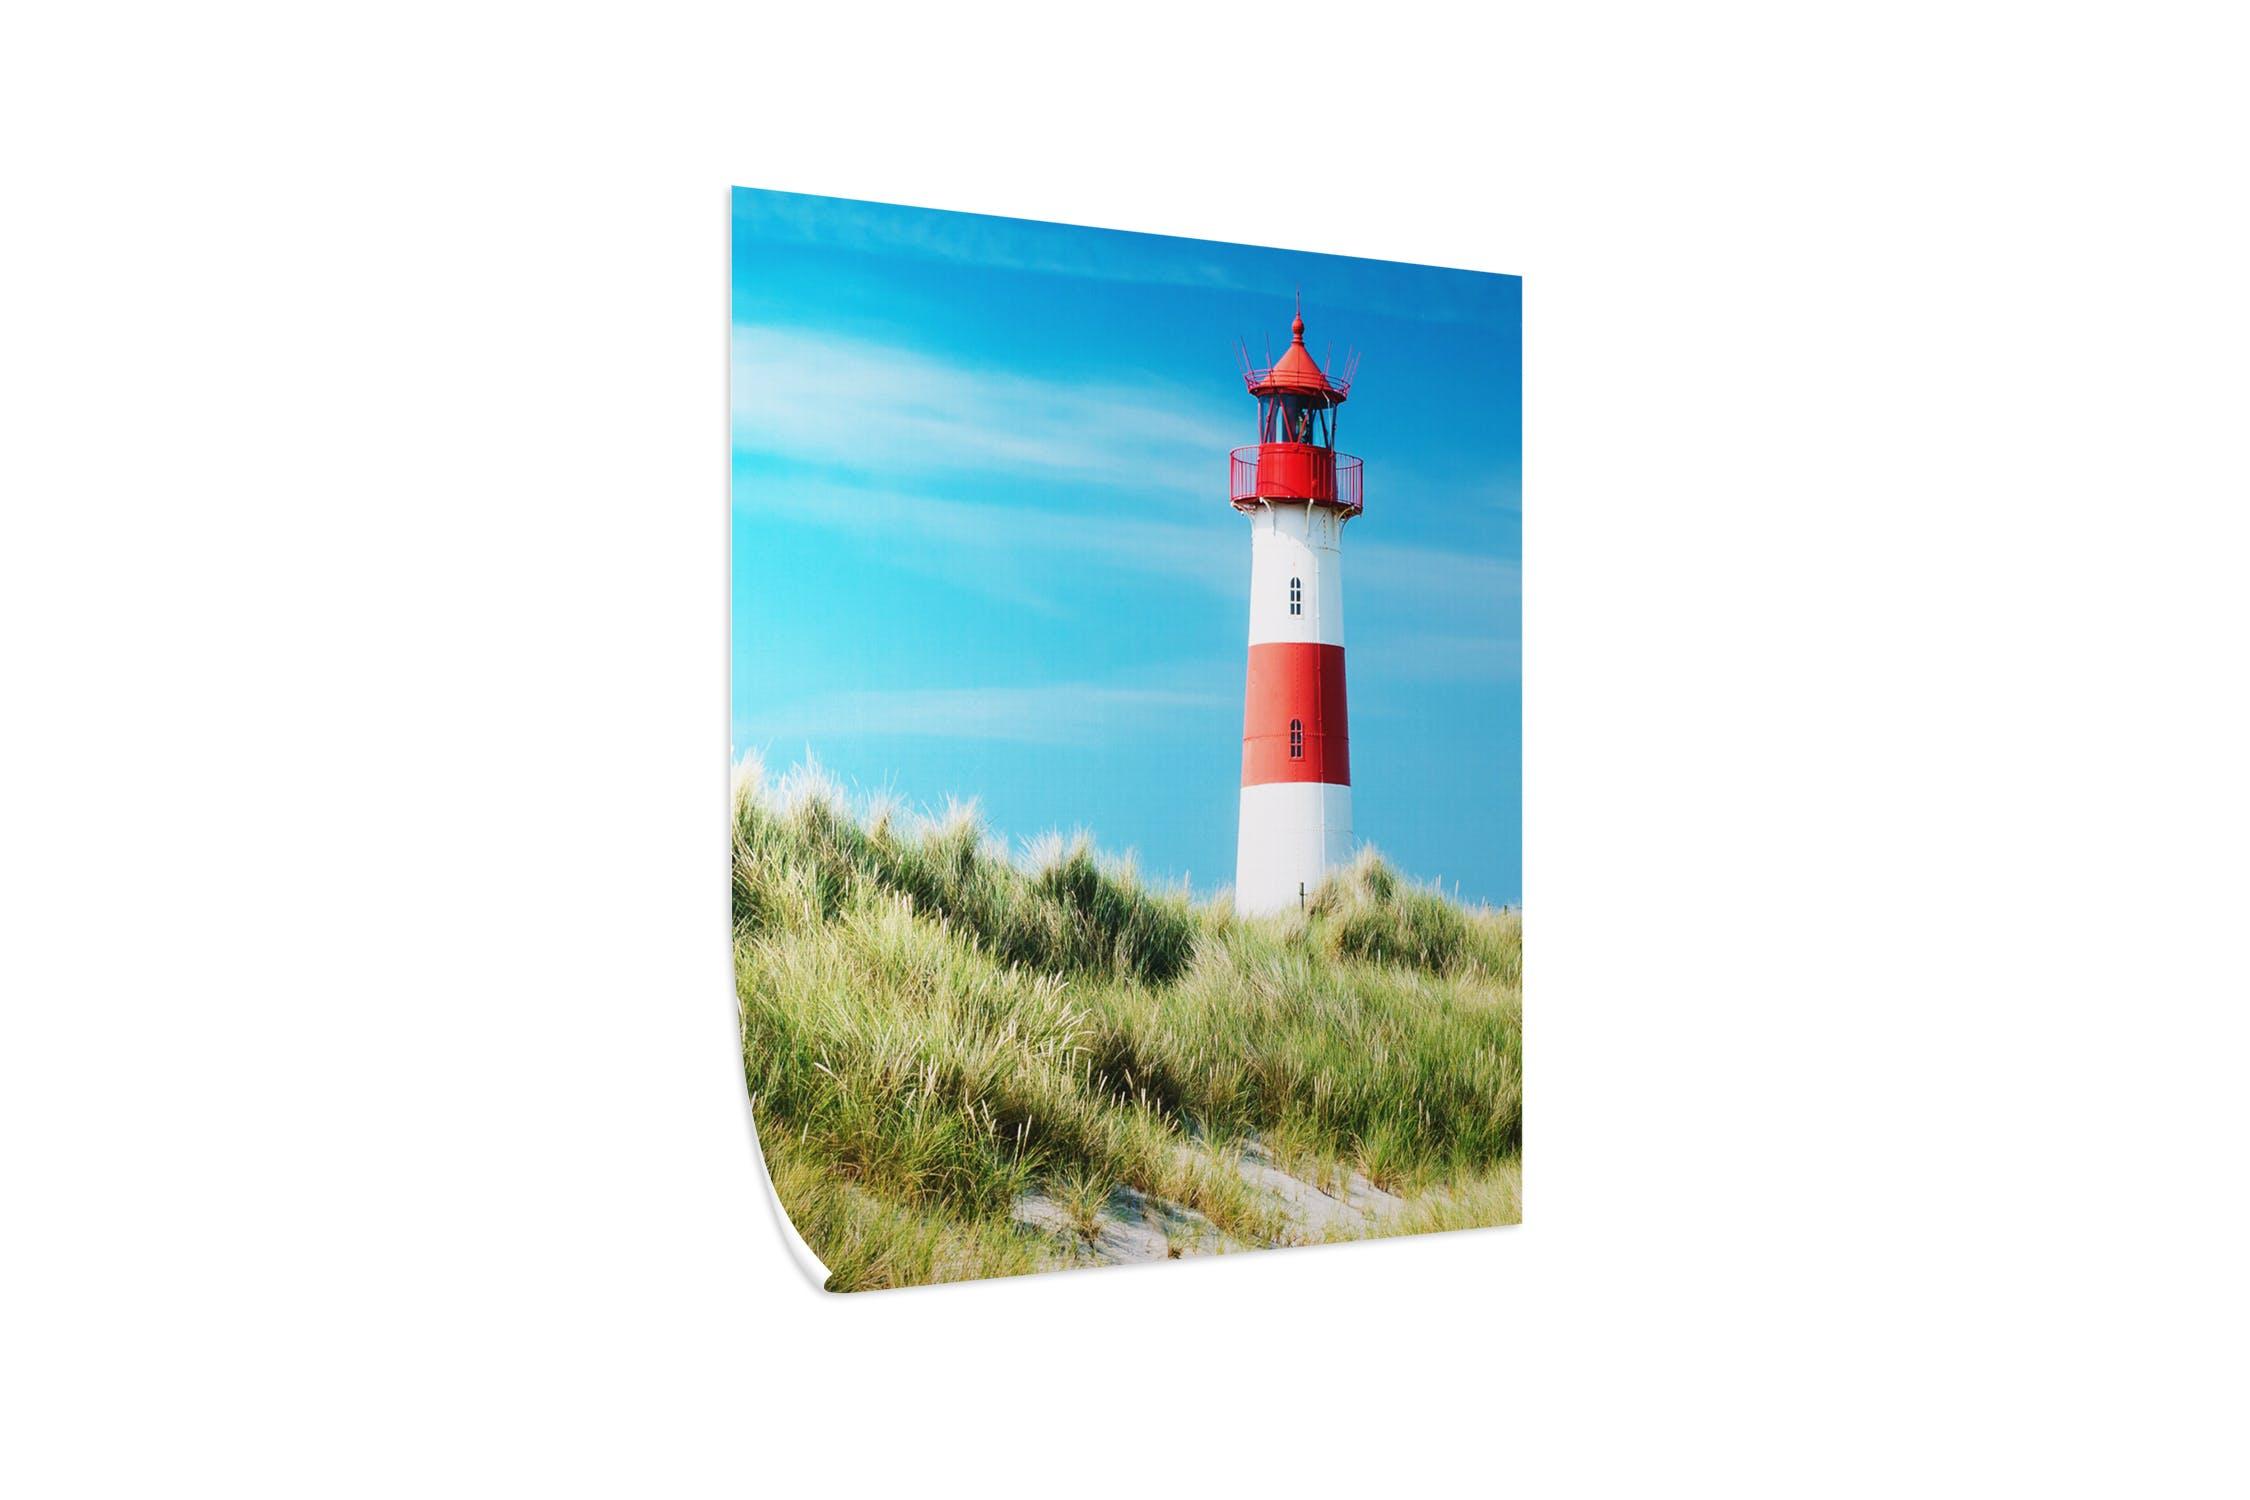 Pixum Fotoposter in seidenmatt mit Leuchtturmmotiv - Freisteller